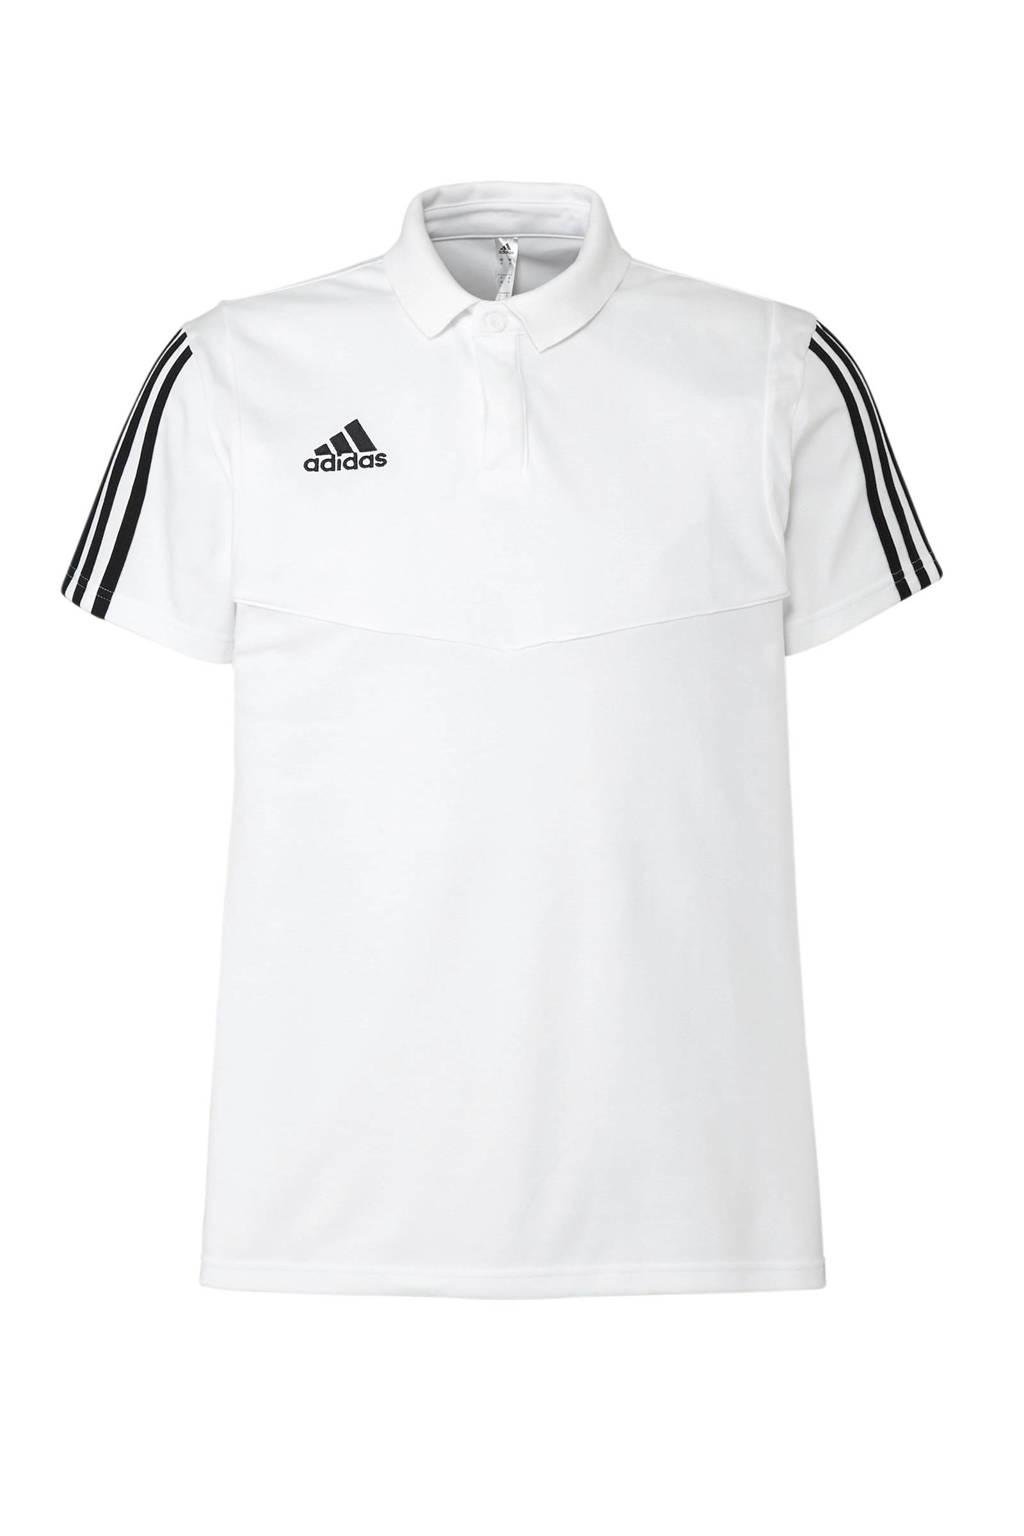 adidas Performance   sportpolo Tiro 19 wit, Wit/zwart